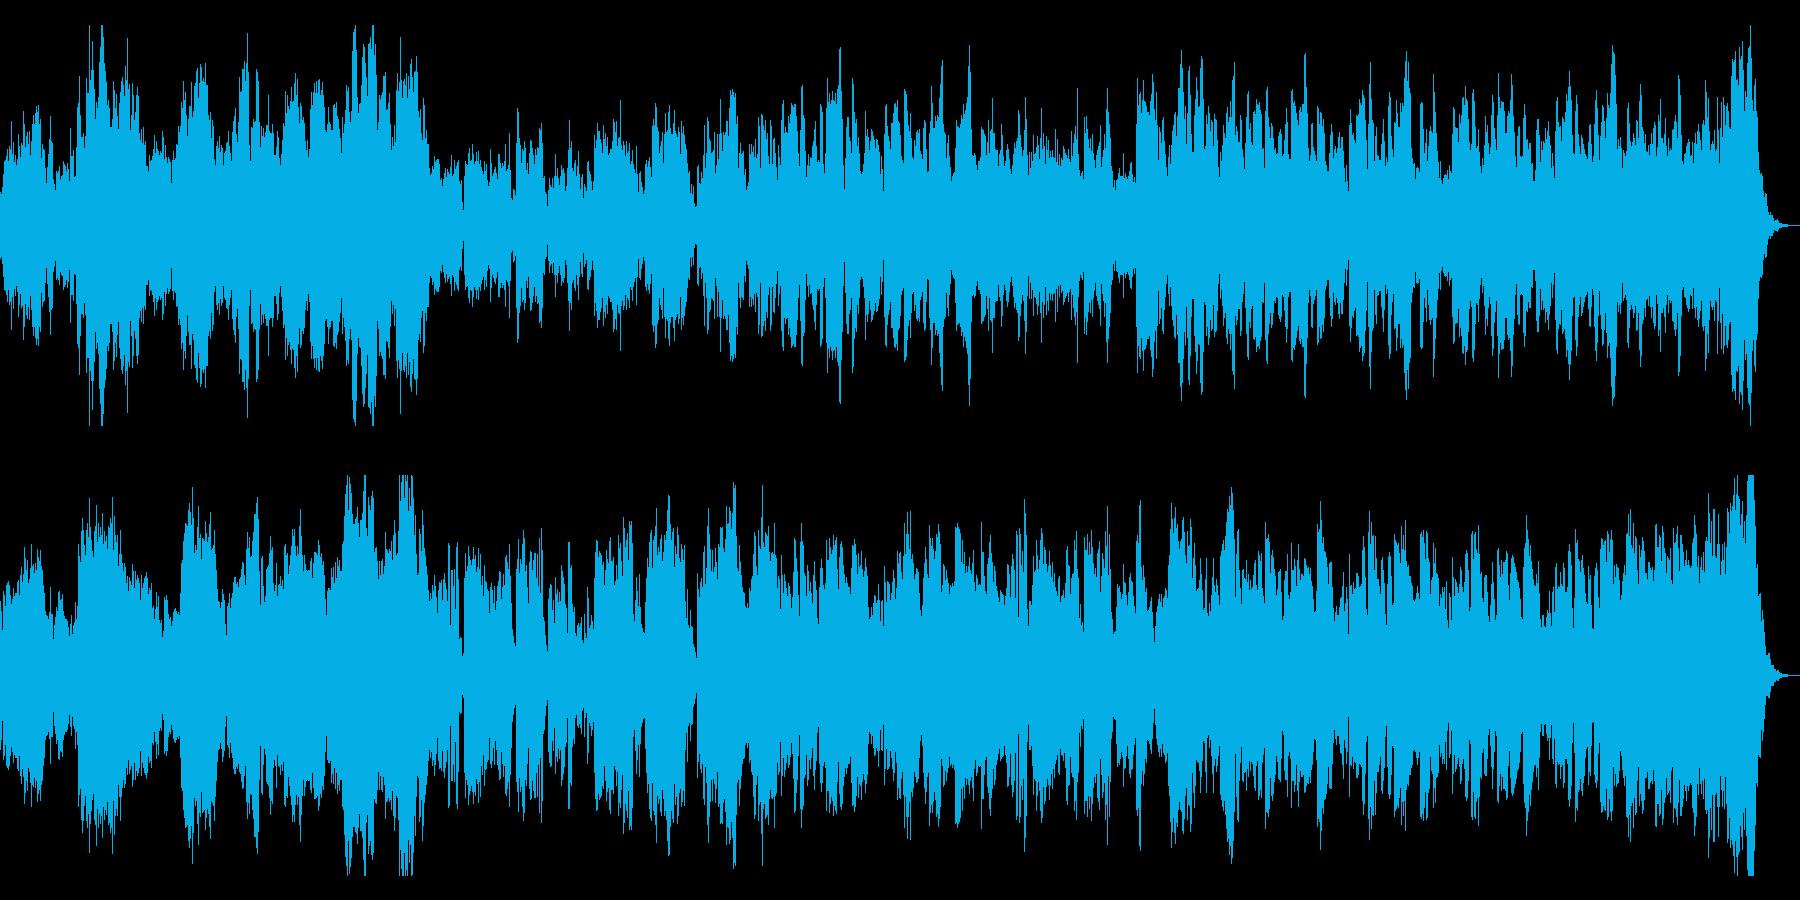 ホラー向け 悲しいピアノとオーケストラ曲の再生済みの波形